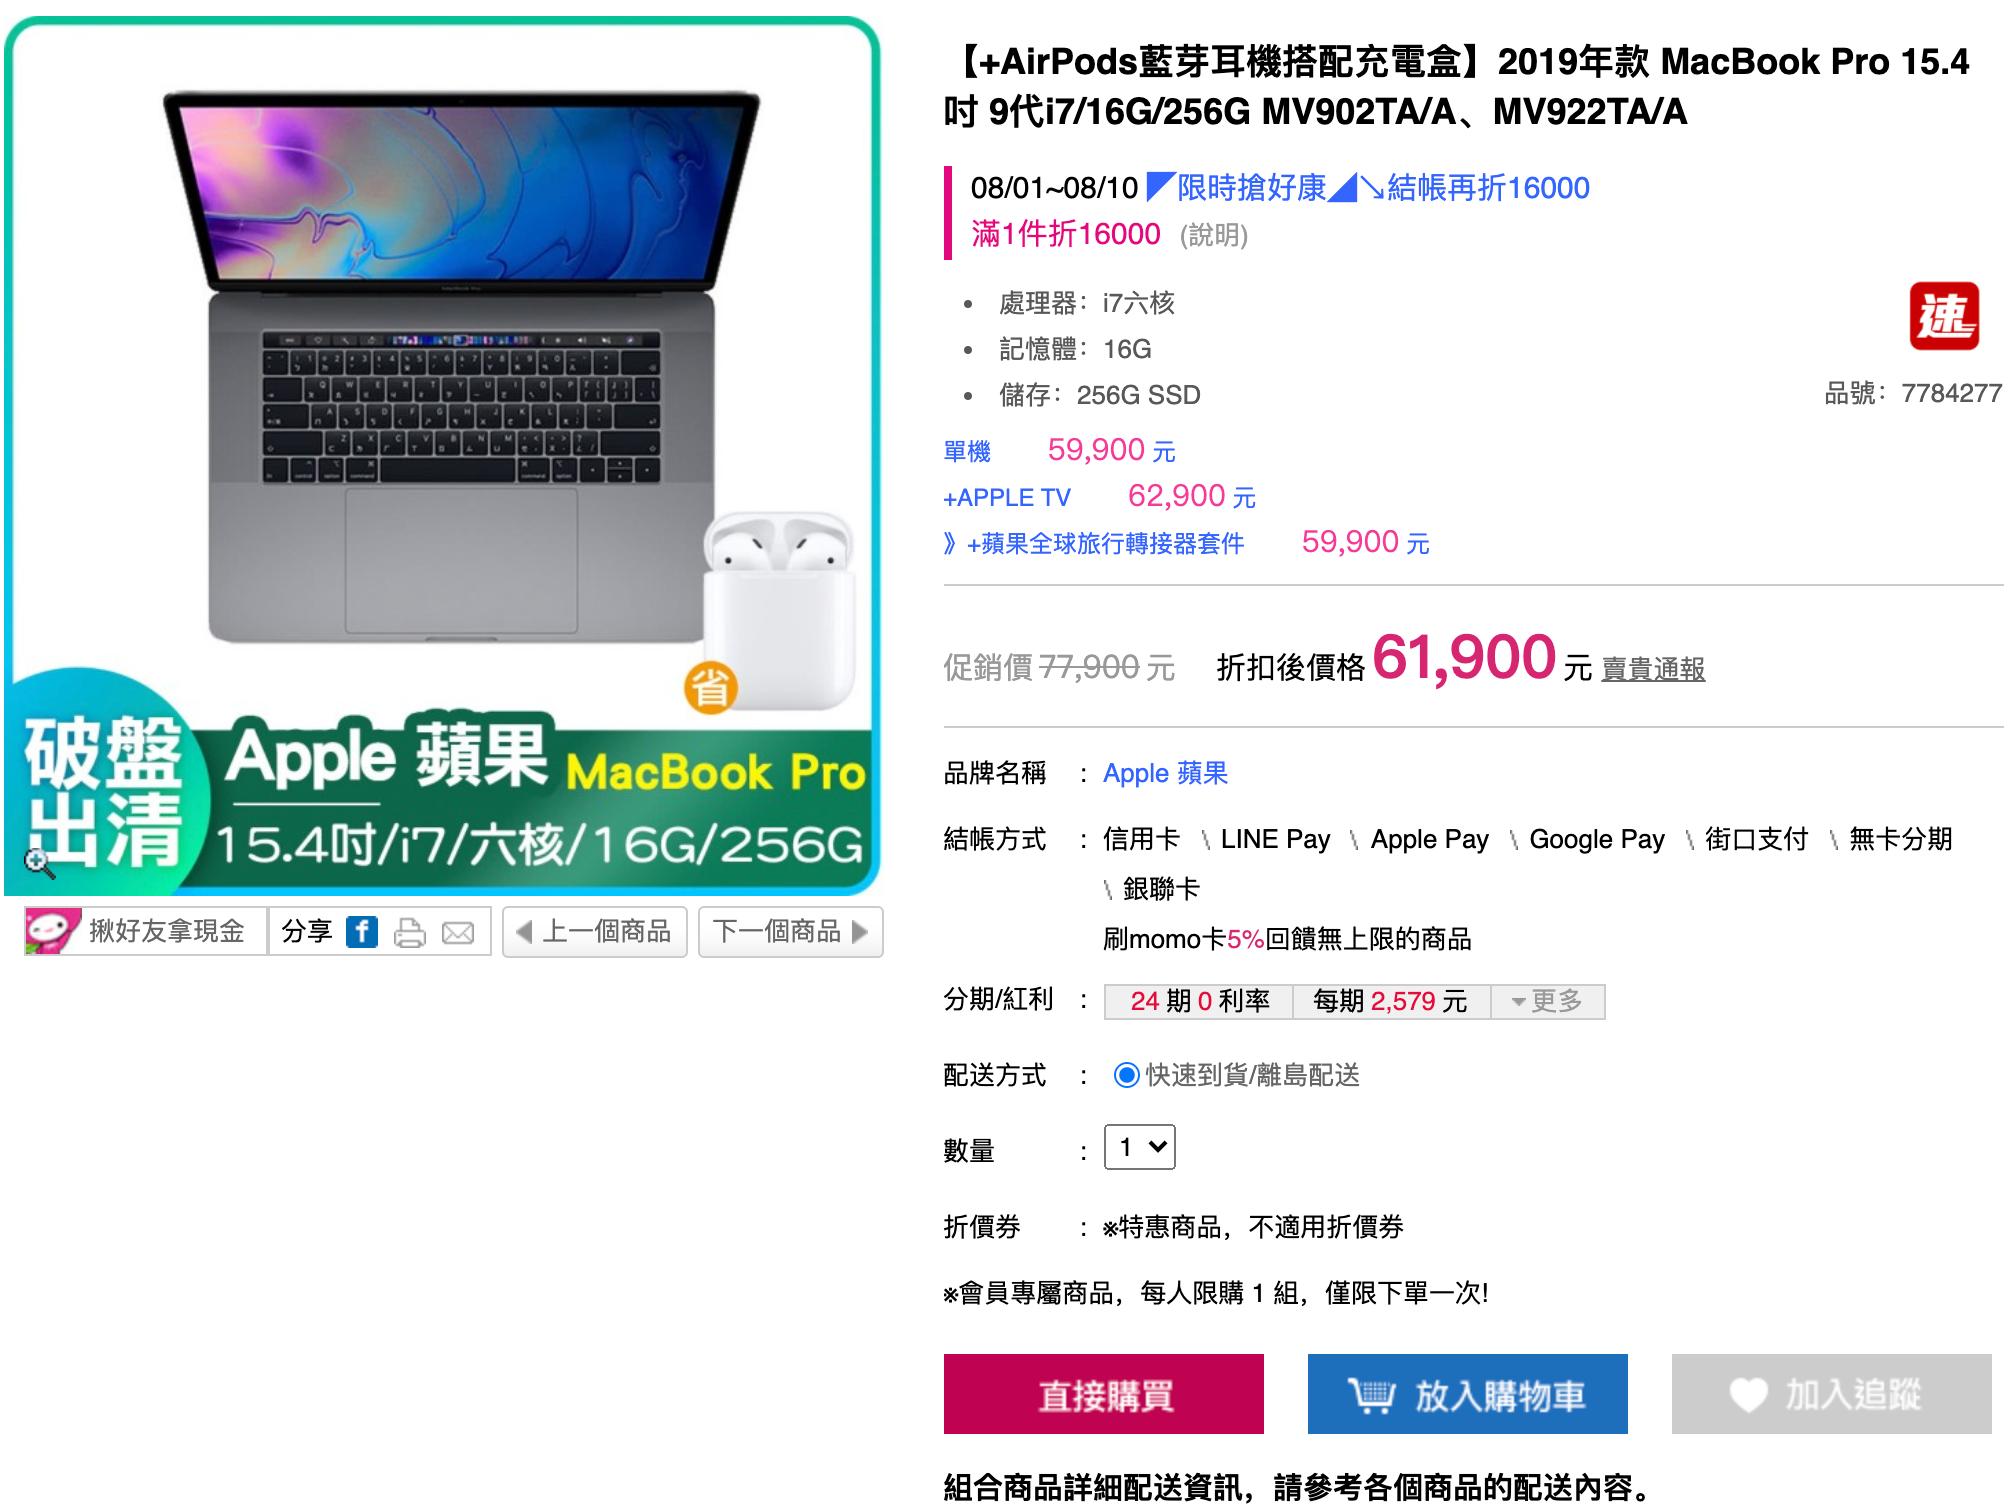 MacBook Pro 2019 momo商場商品資料